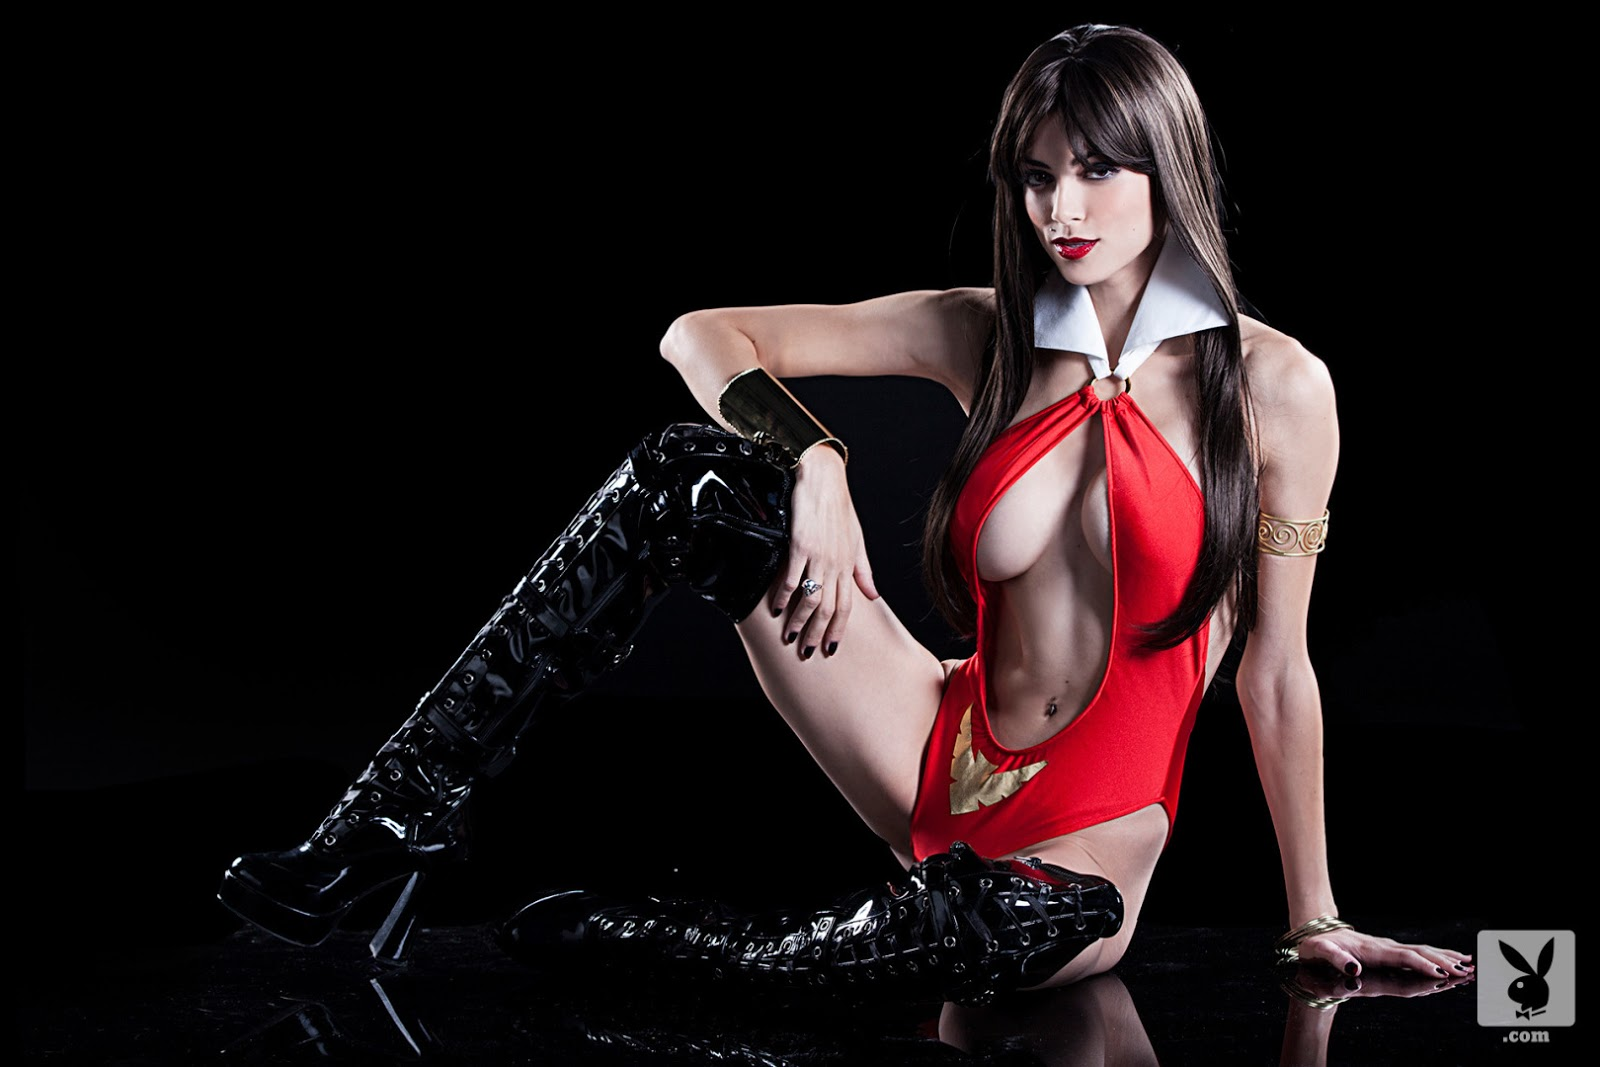 Hot vampirella pics xxx porn clips